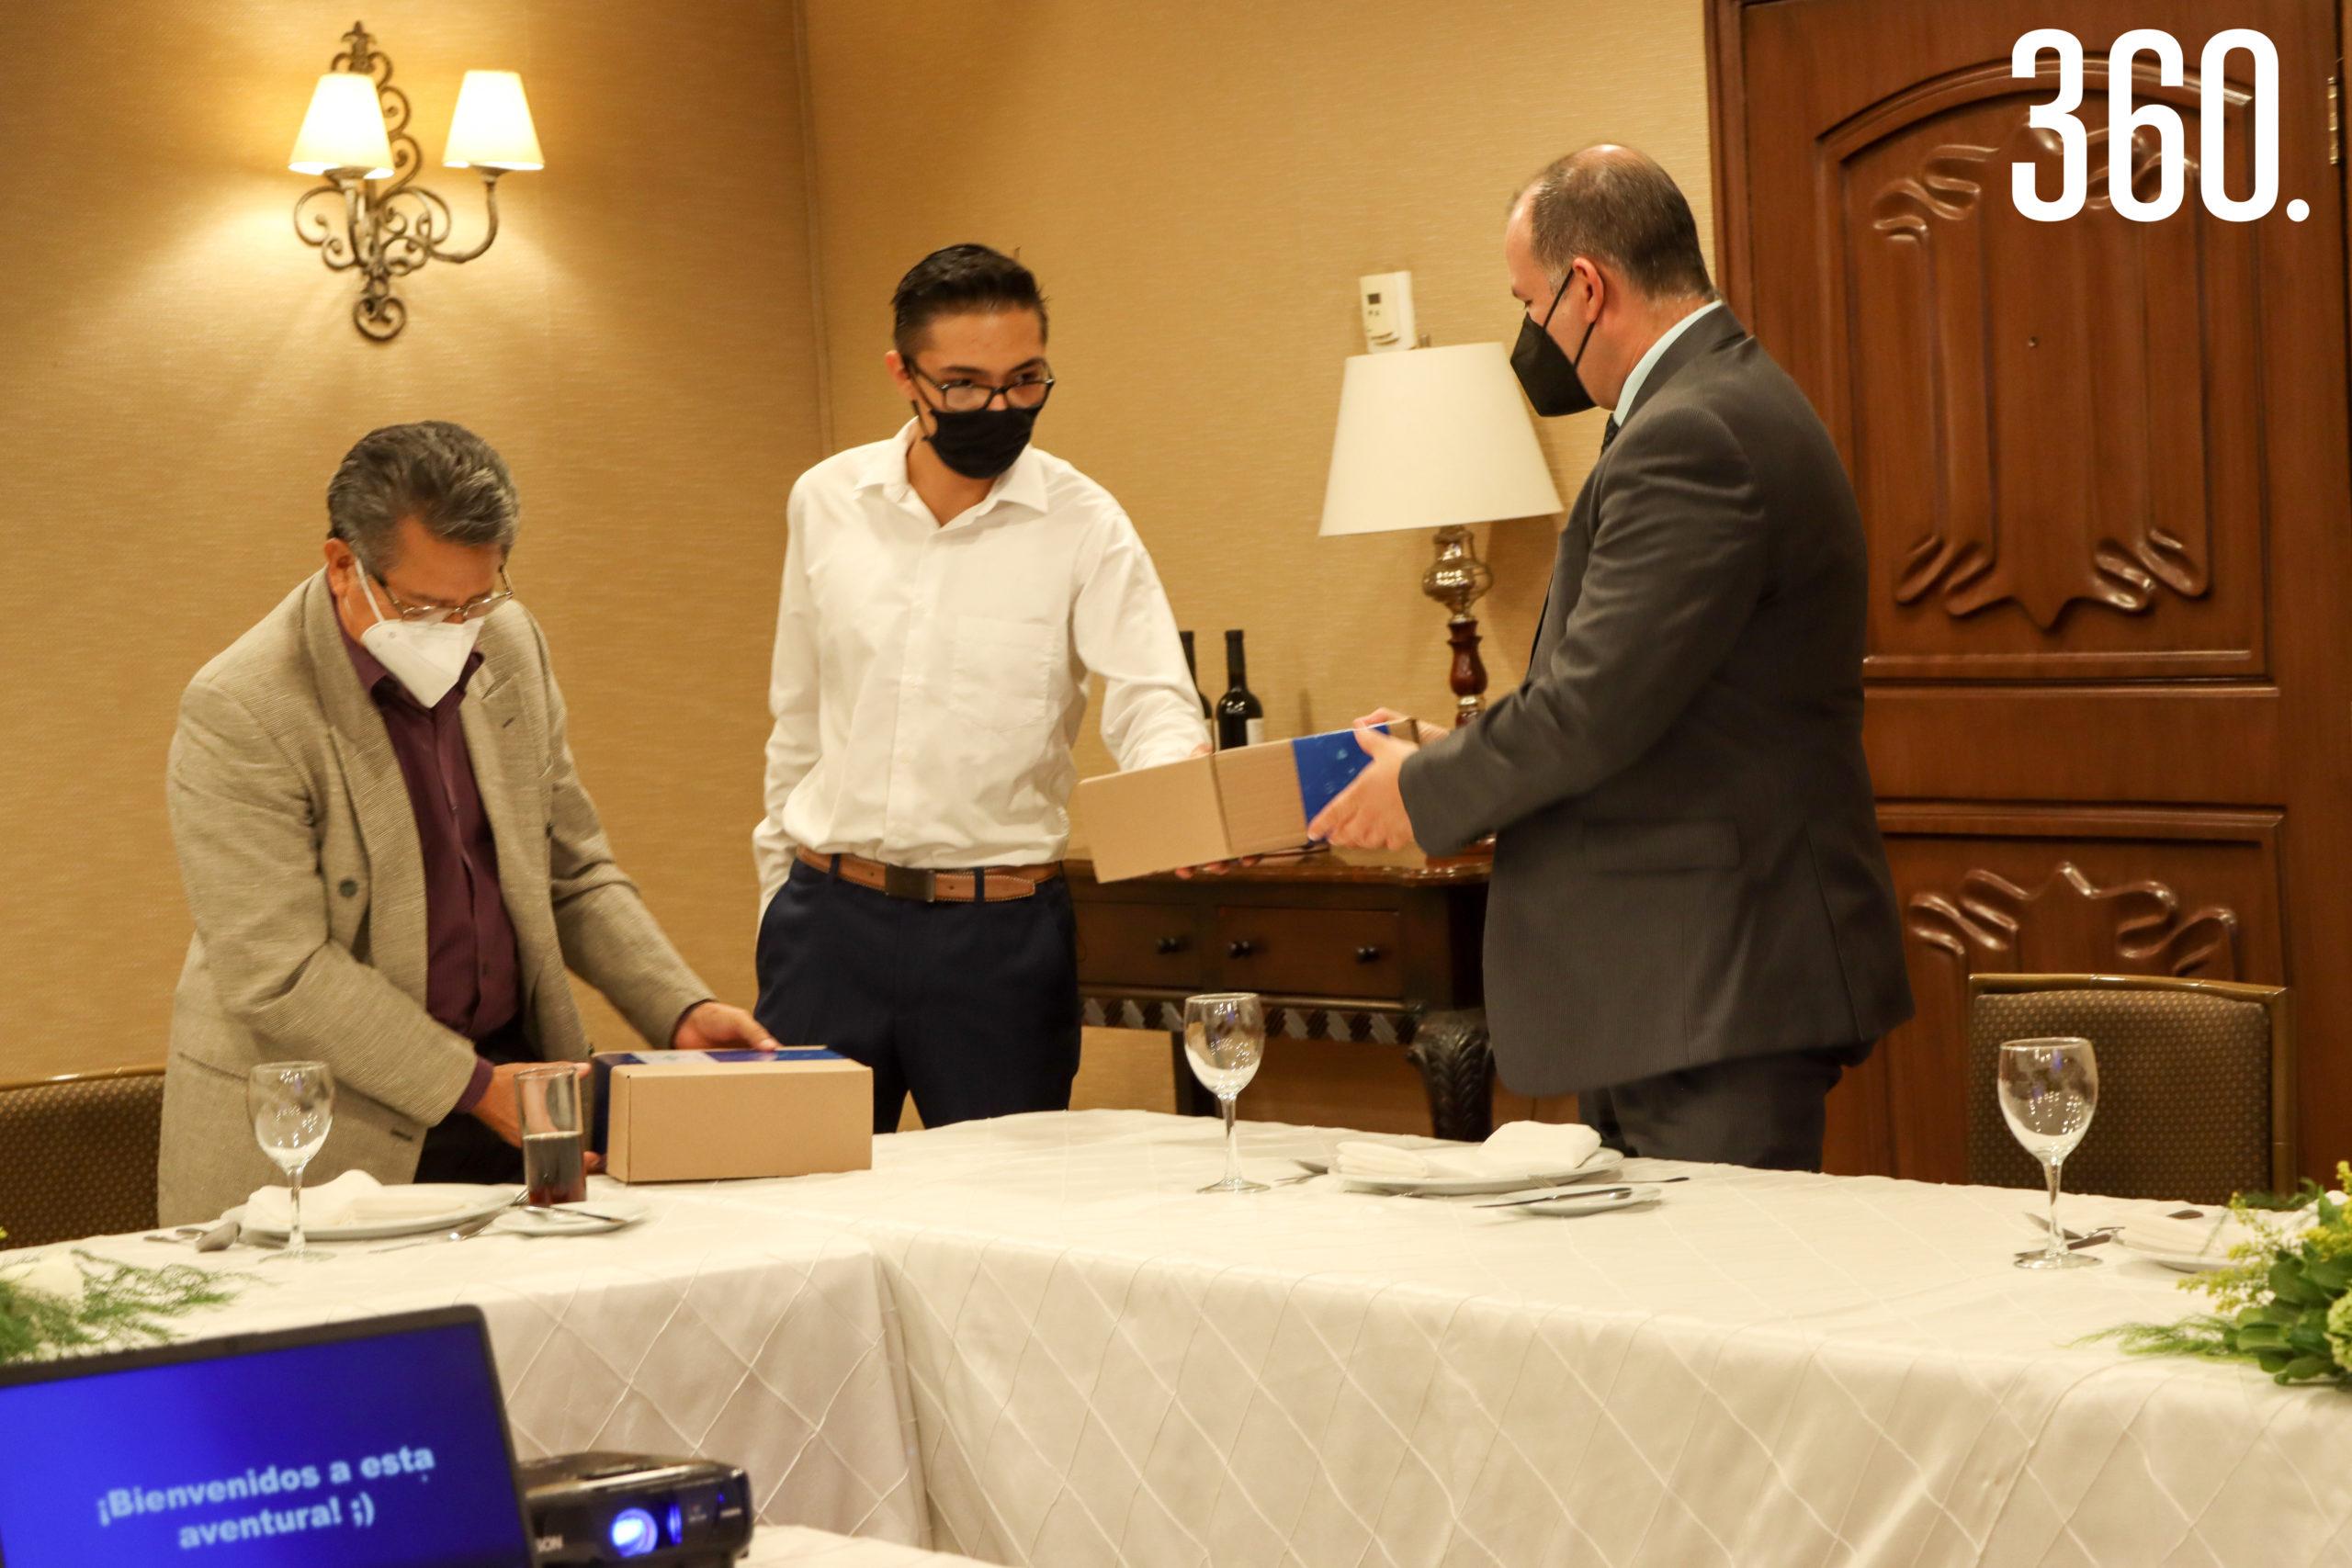 Los doctores recibiendo un chaleco especial por ser parte de este nuevo proyecto.